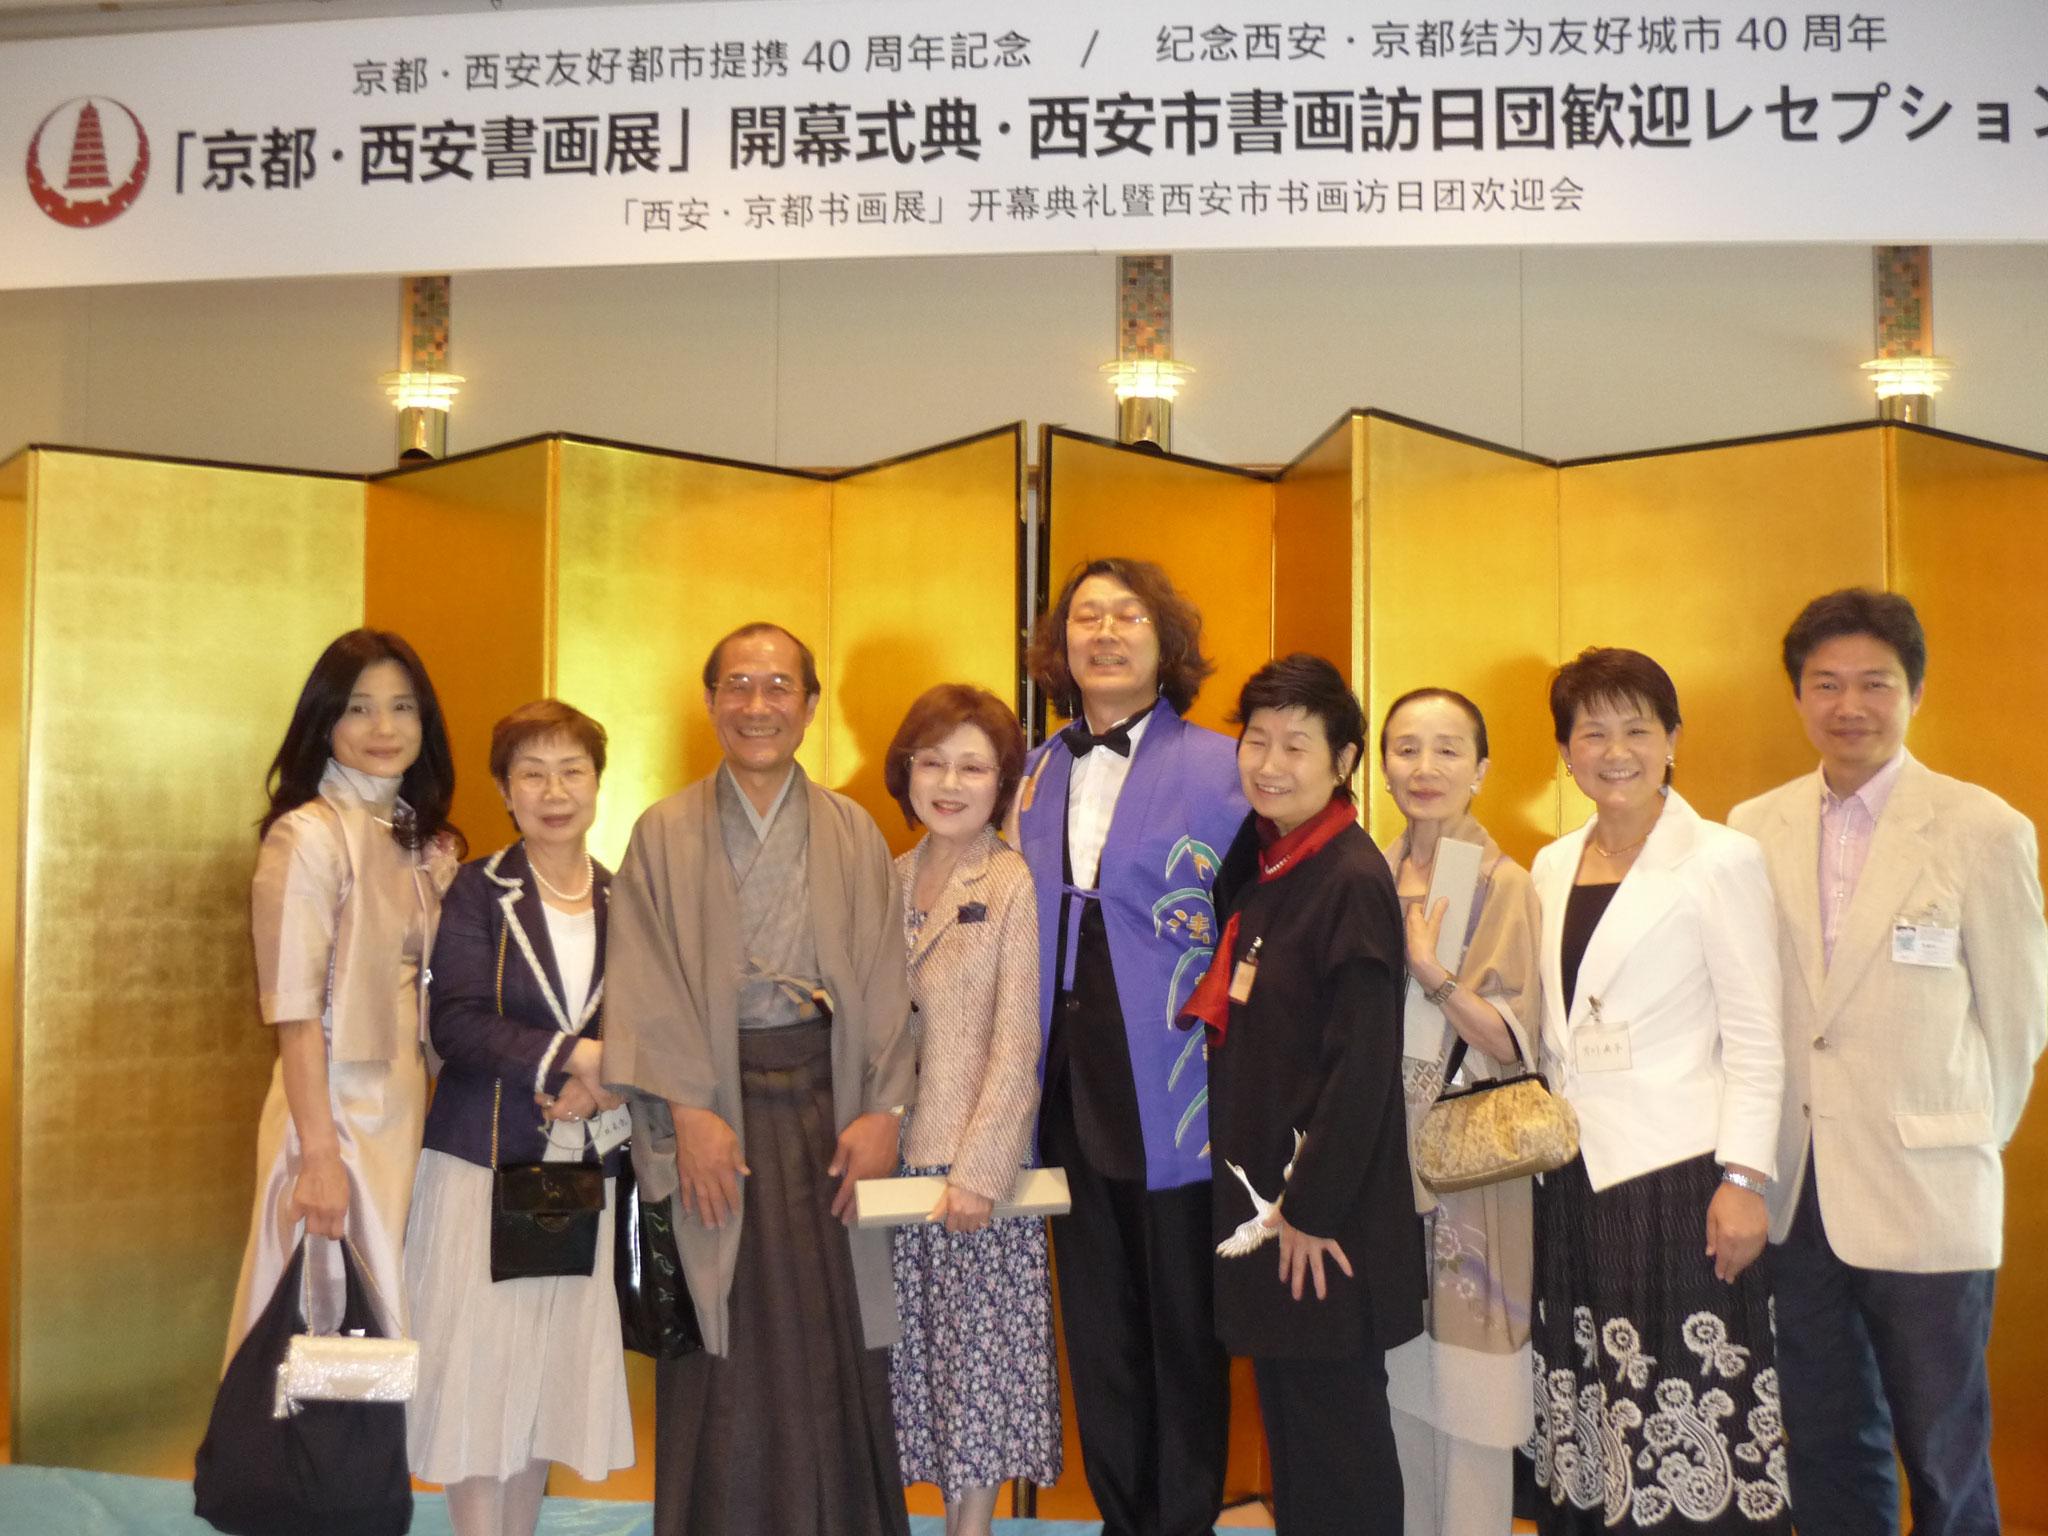 京都・西安友好都市提携40周年記念 「京都・西安書画展」2015/5/9~5/10